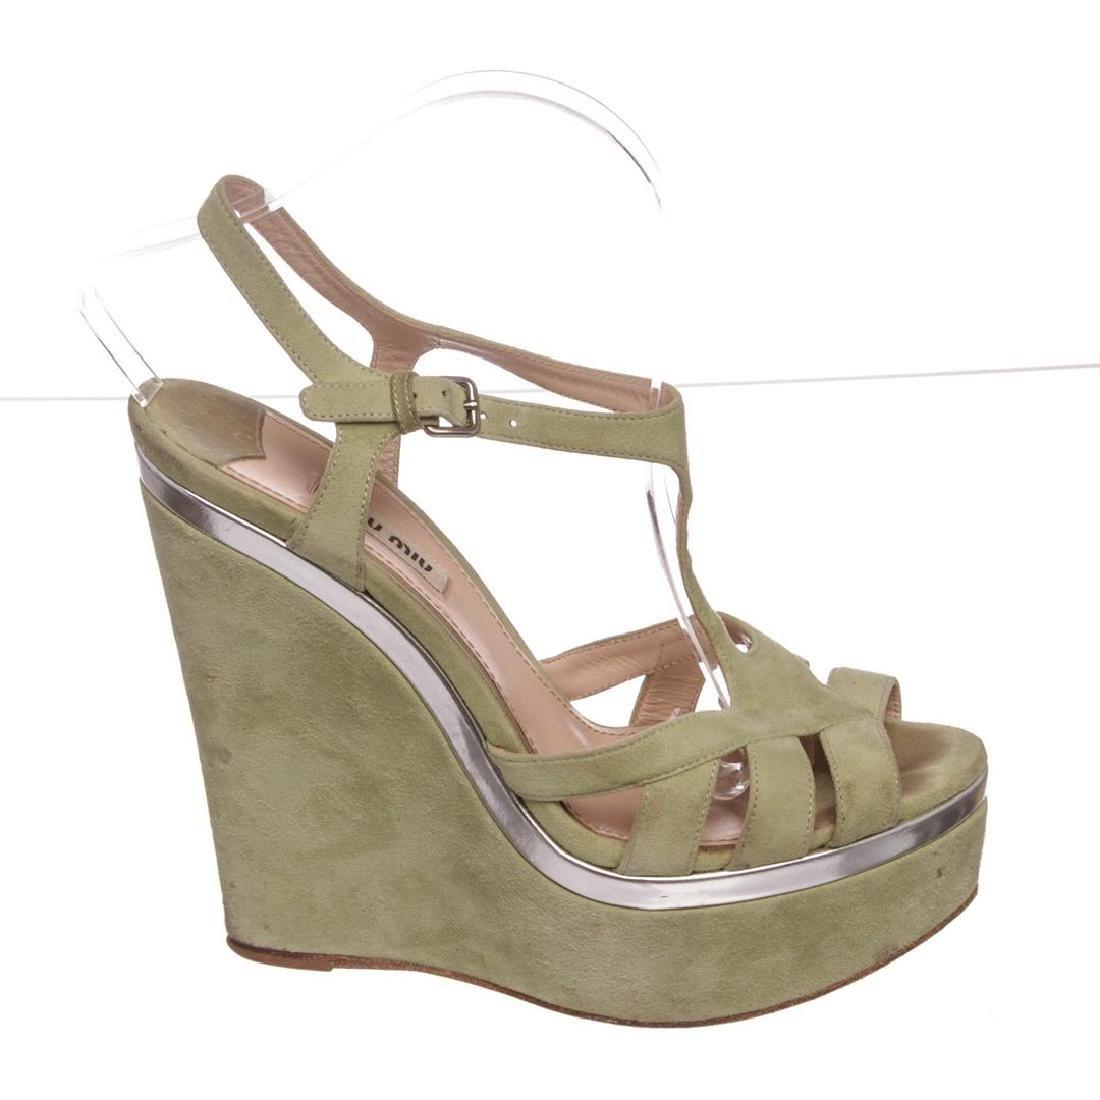 Miu Miu Pistacchio Suede Camoscio Lame Wedges Heels - 6